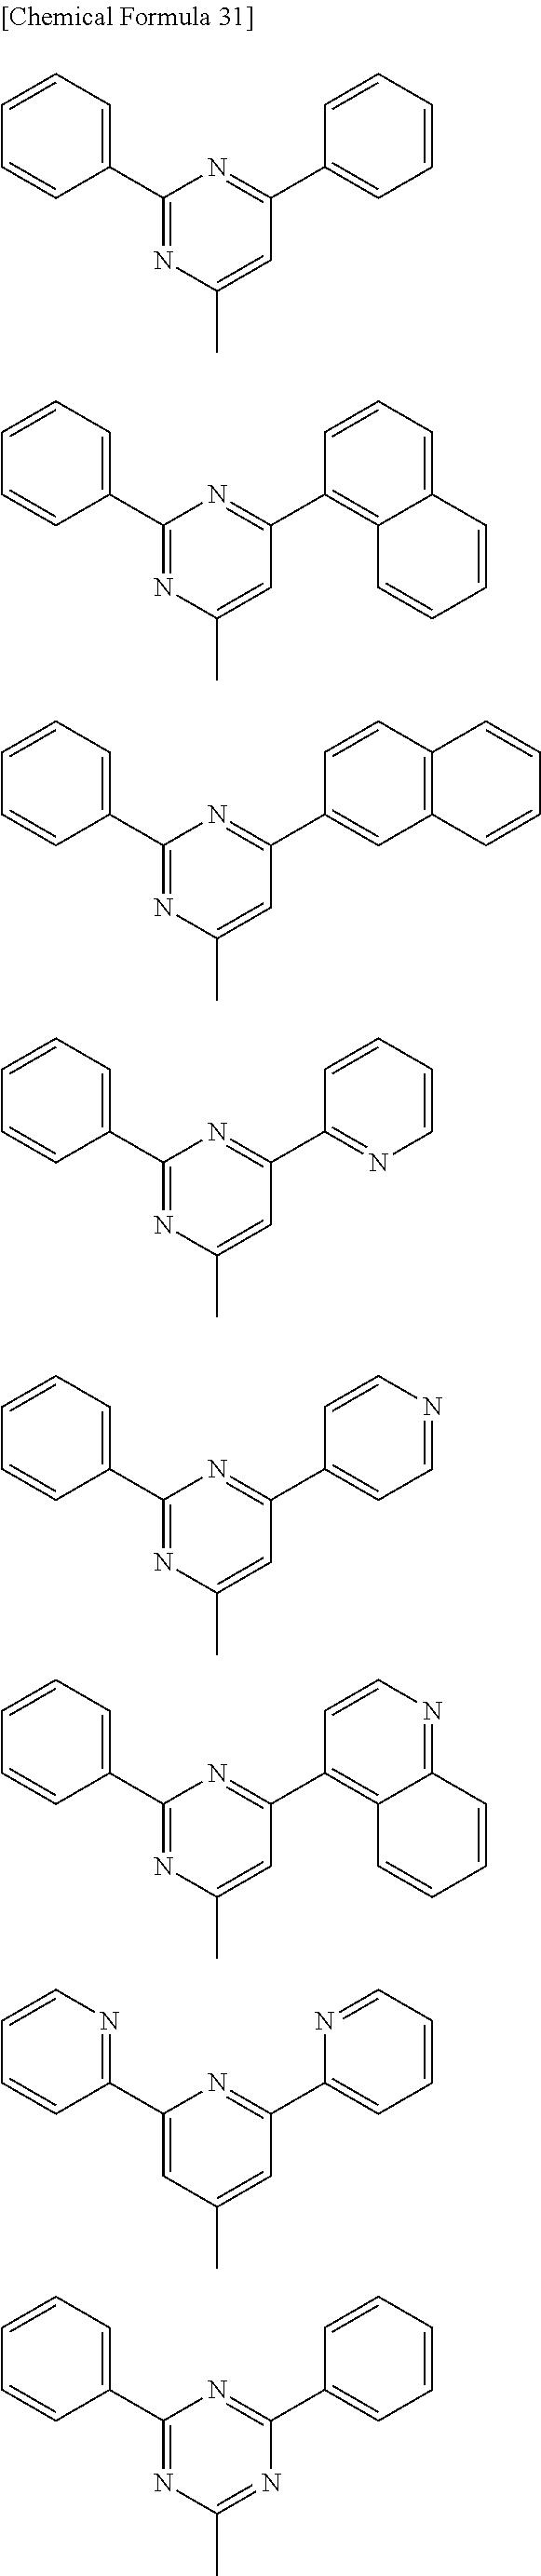 Figure US08568903-20131029-C00056